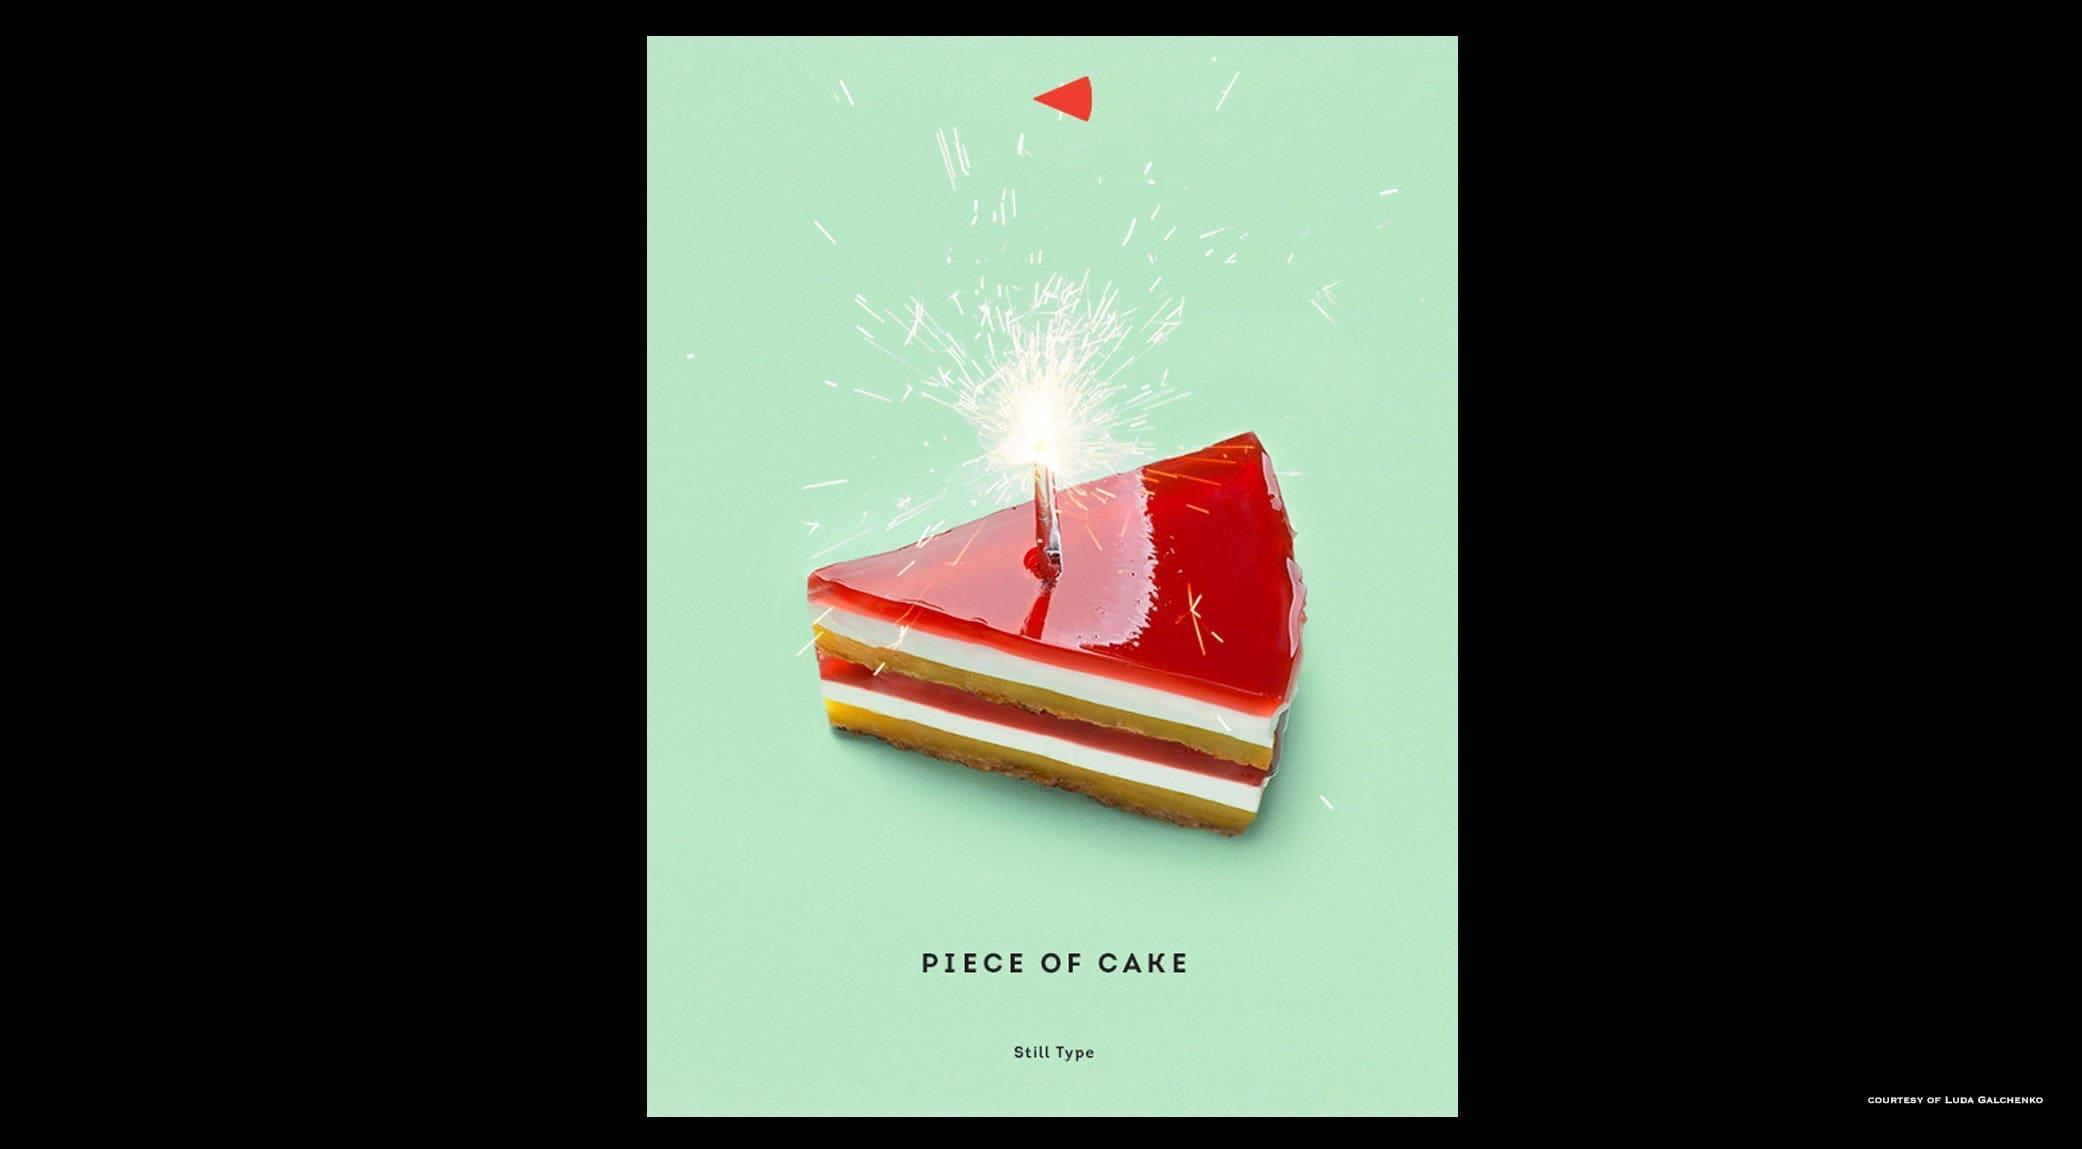 original_0006-pieceofcake-Luda-Galchenko-finedininglovers.jpg